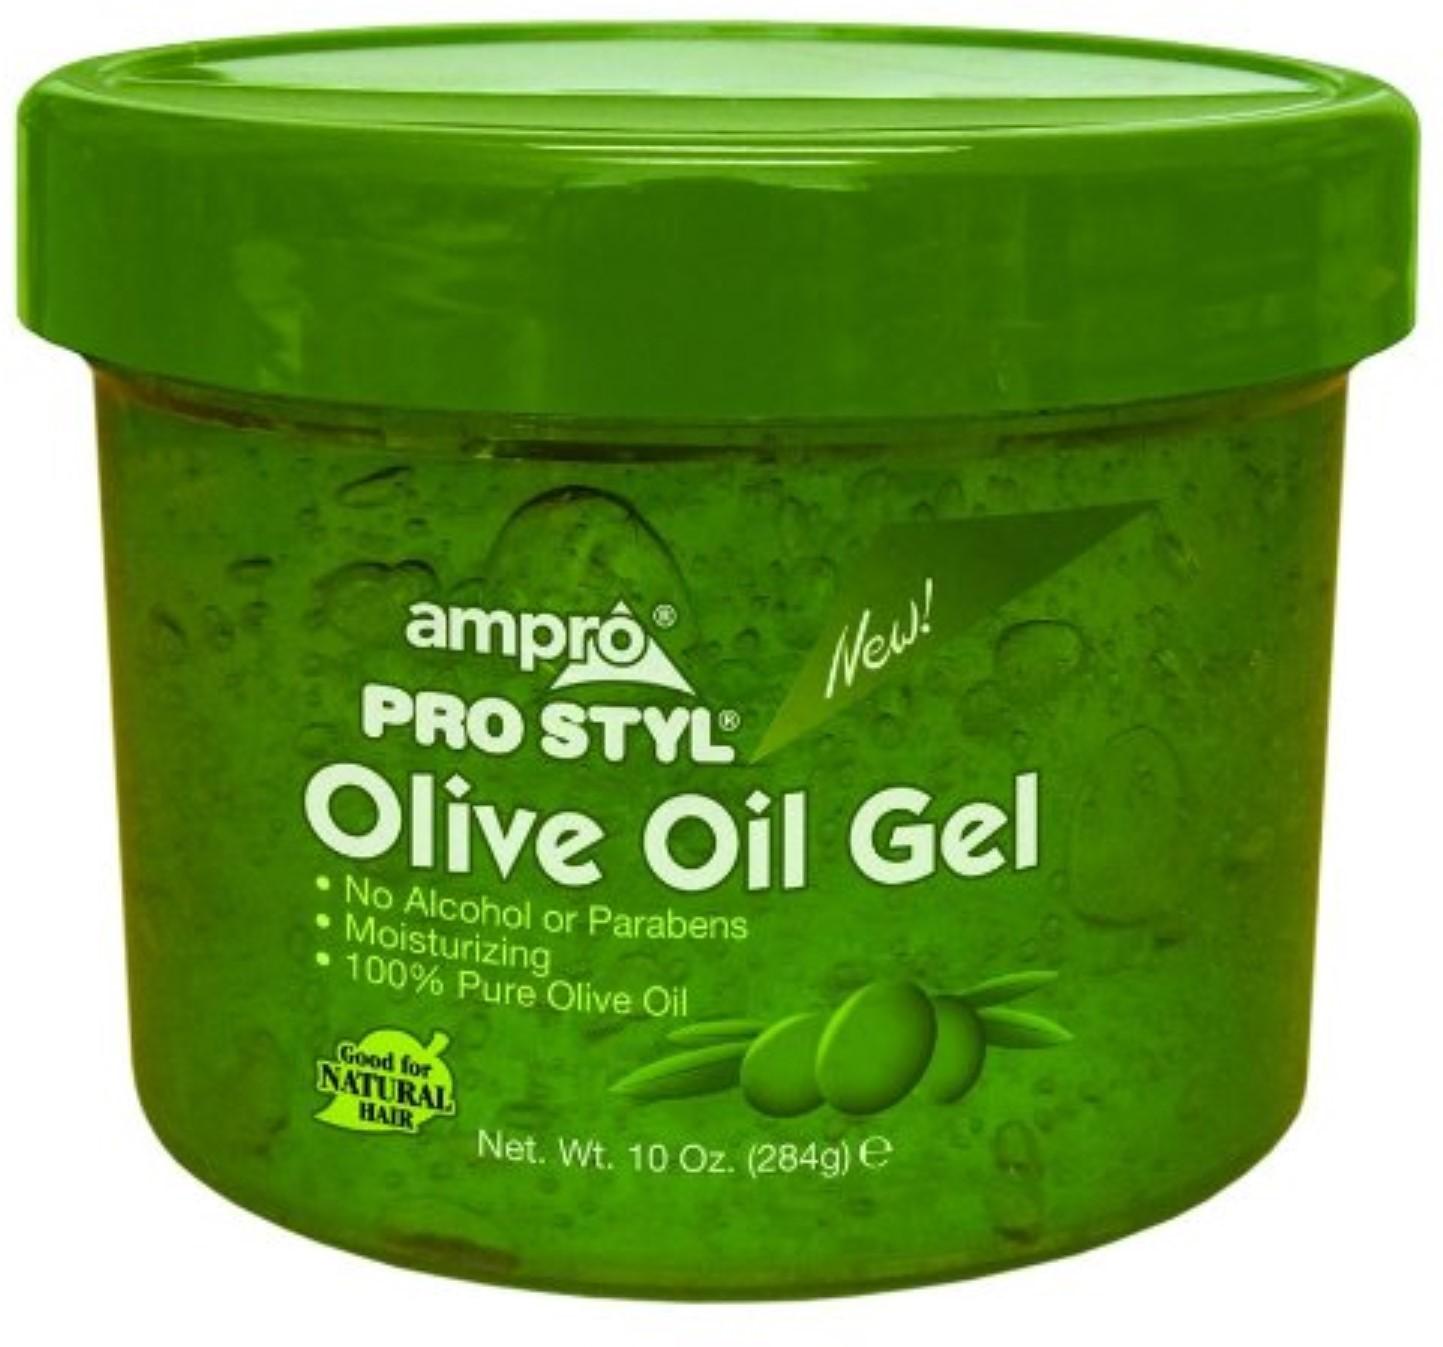 Ampro Olive Oil Gel, 10 oz